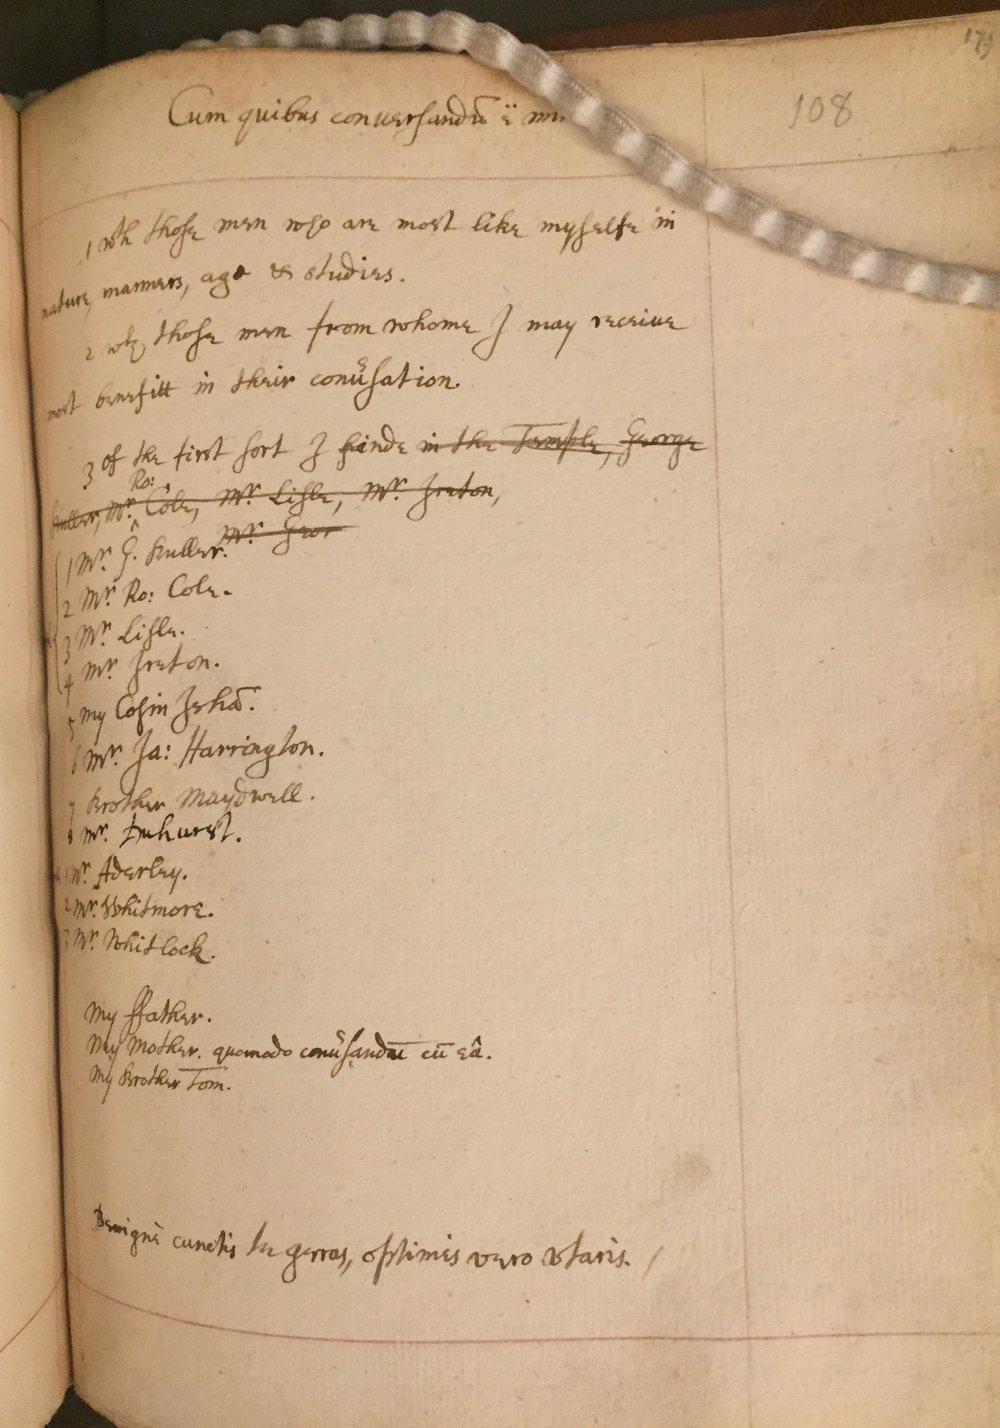 'Cum quibus conversando est' from Pagitt's Memorandum Book. Add MS. 4174 f.108.